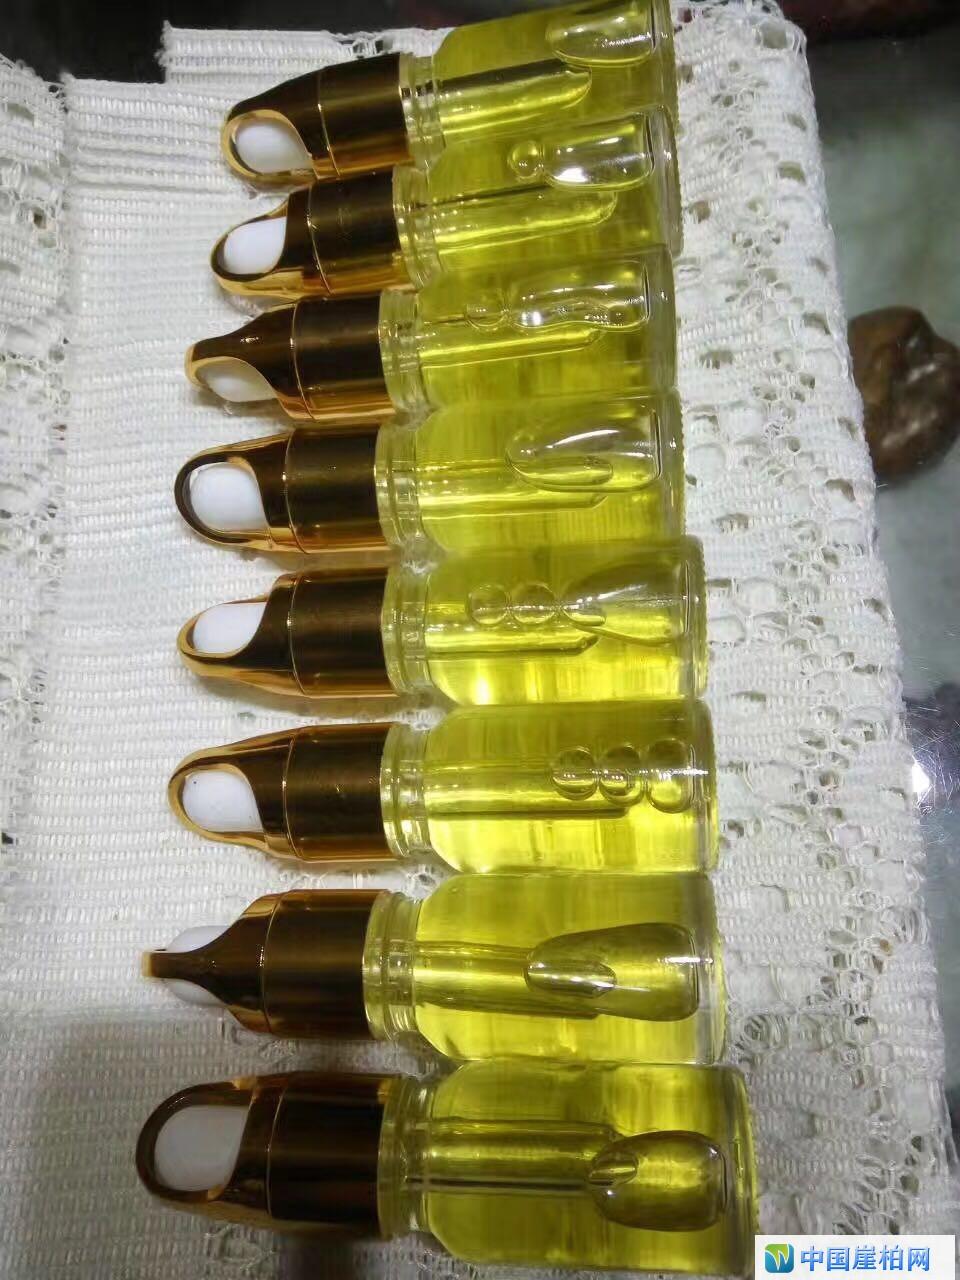 崖柏精油的提取制作工艺及使用中的功效作用